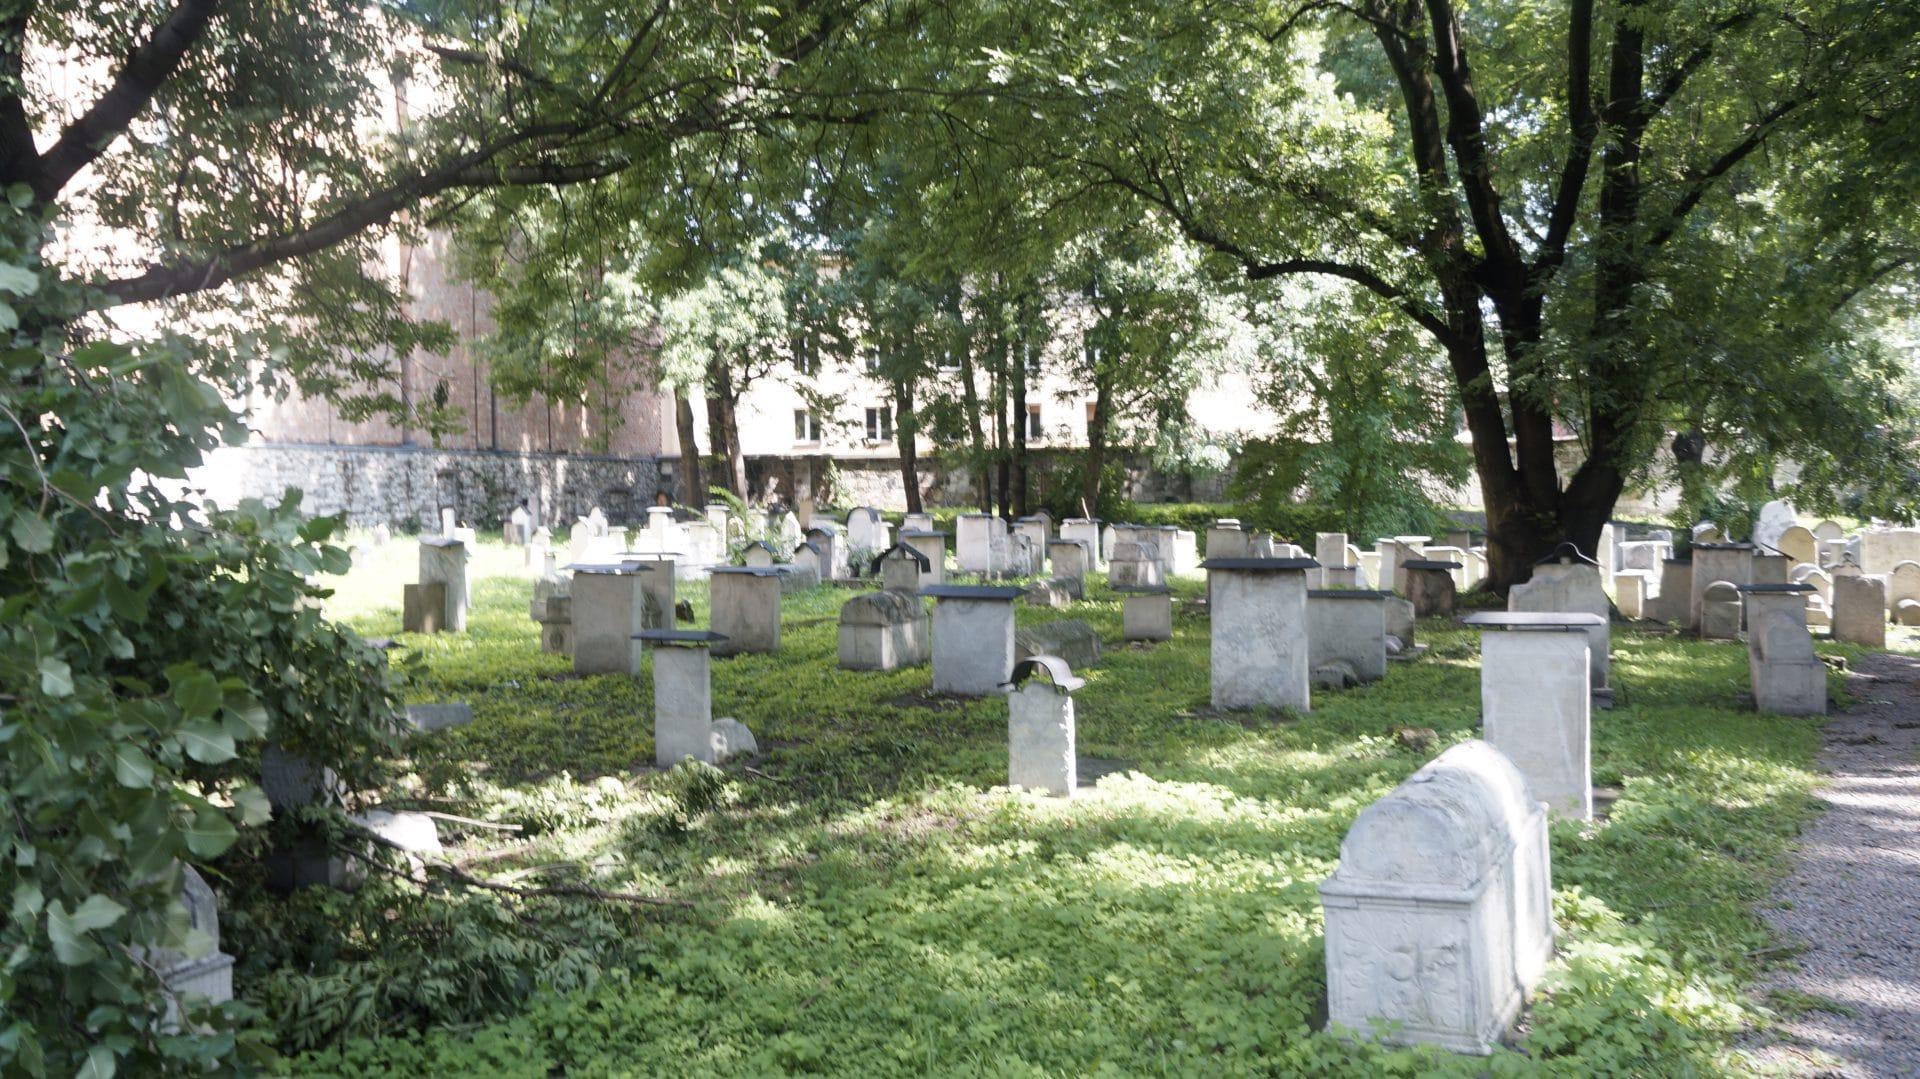 Stary cmentarz żydowski Remuh. To tutaj miały rozgrywać się wydarzenia opisane w legendzie.